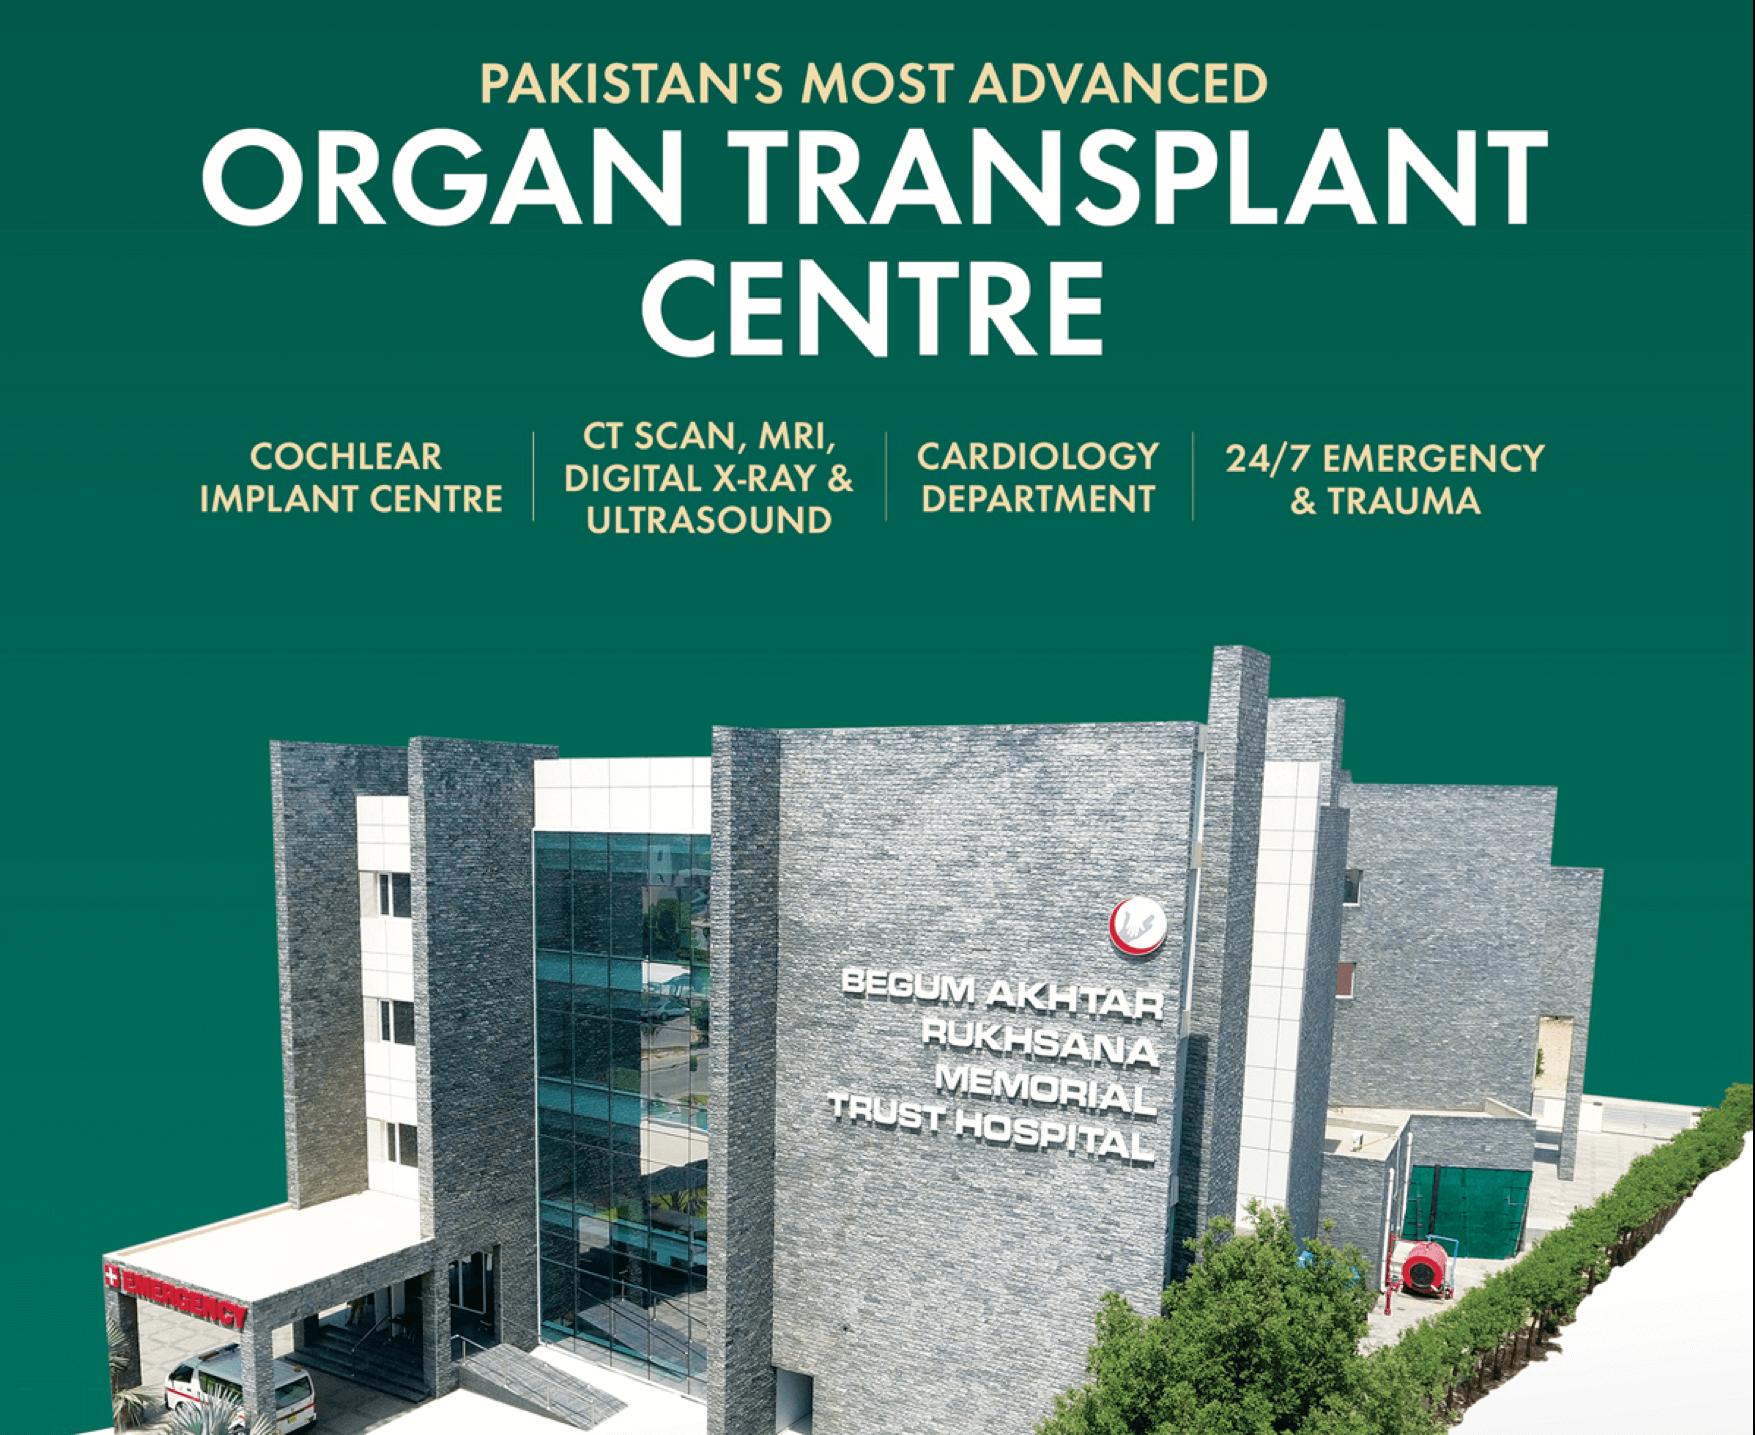 Organ Transplant Centre